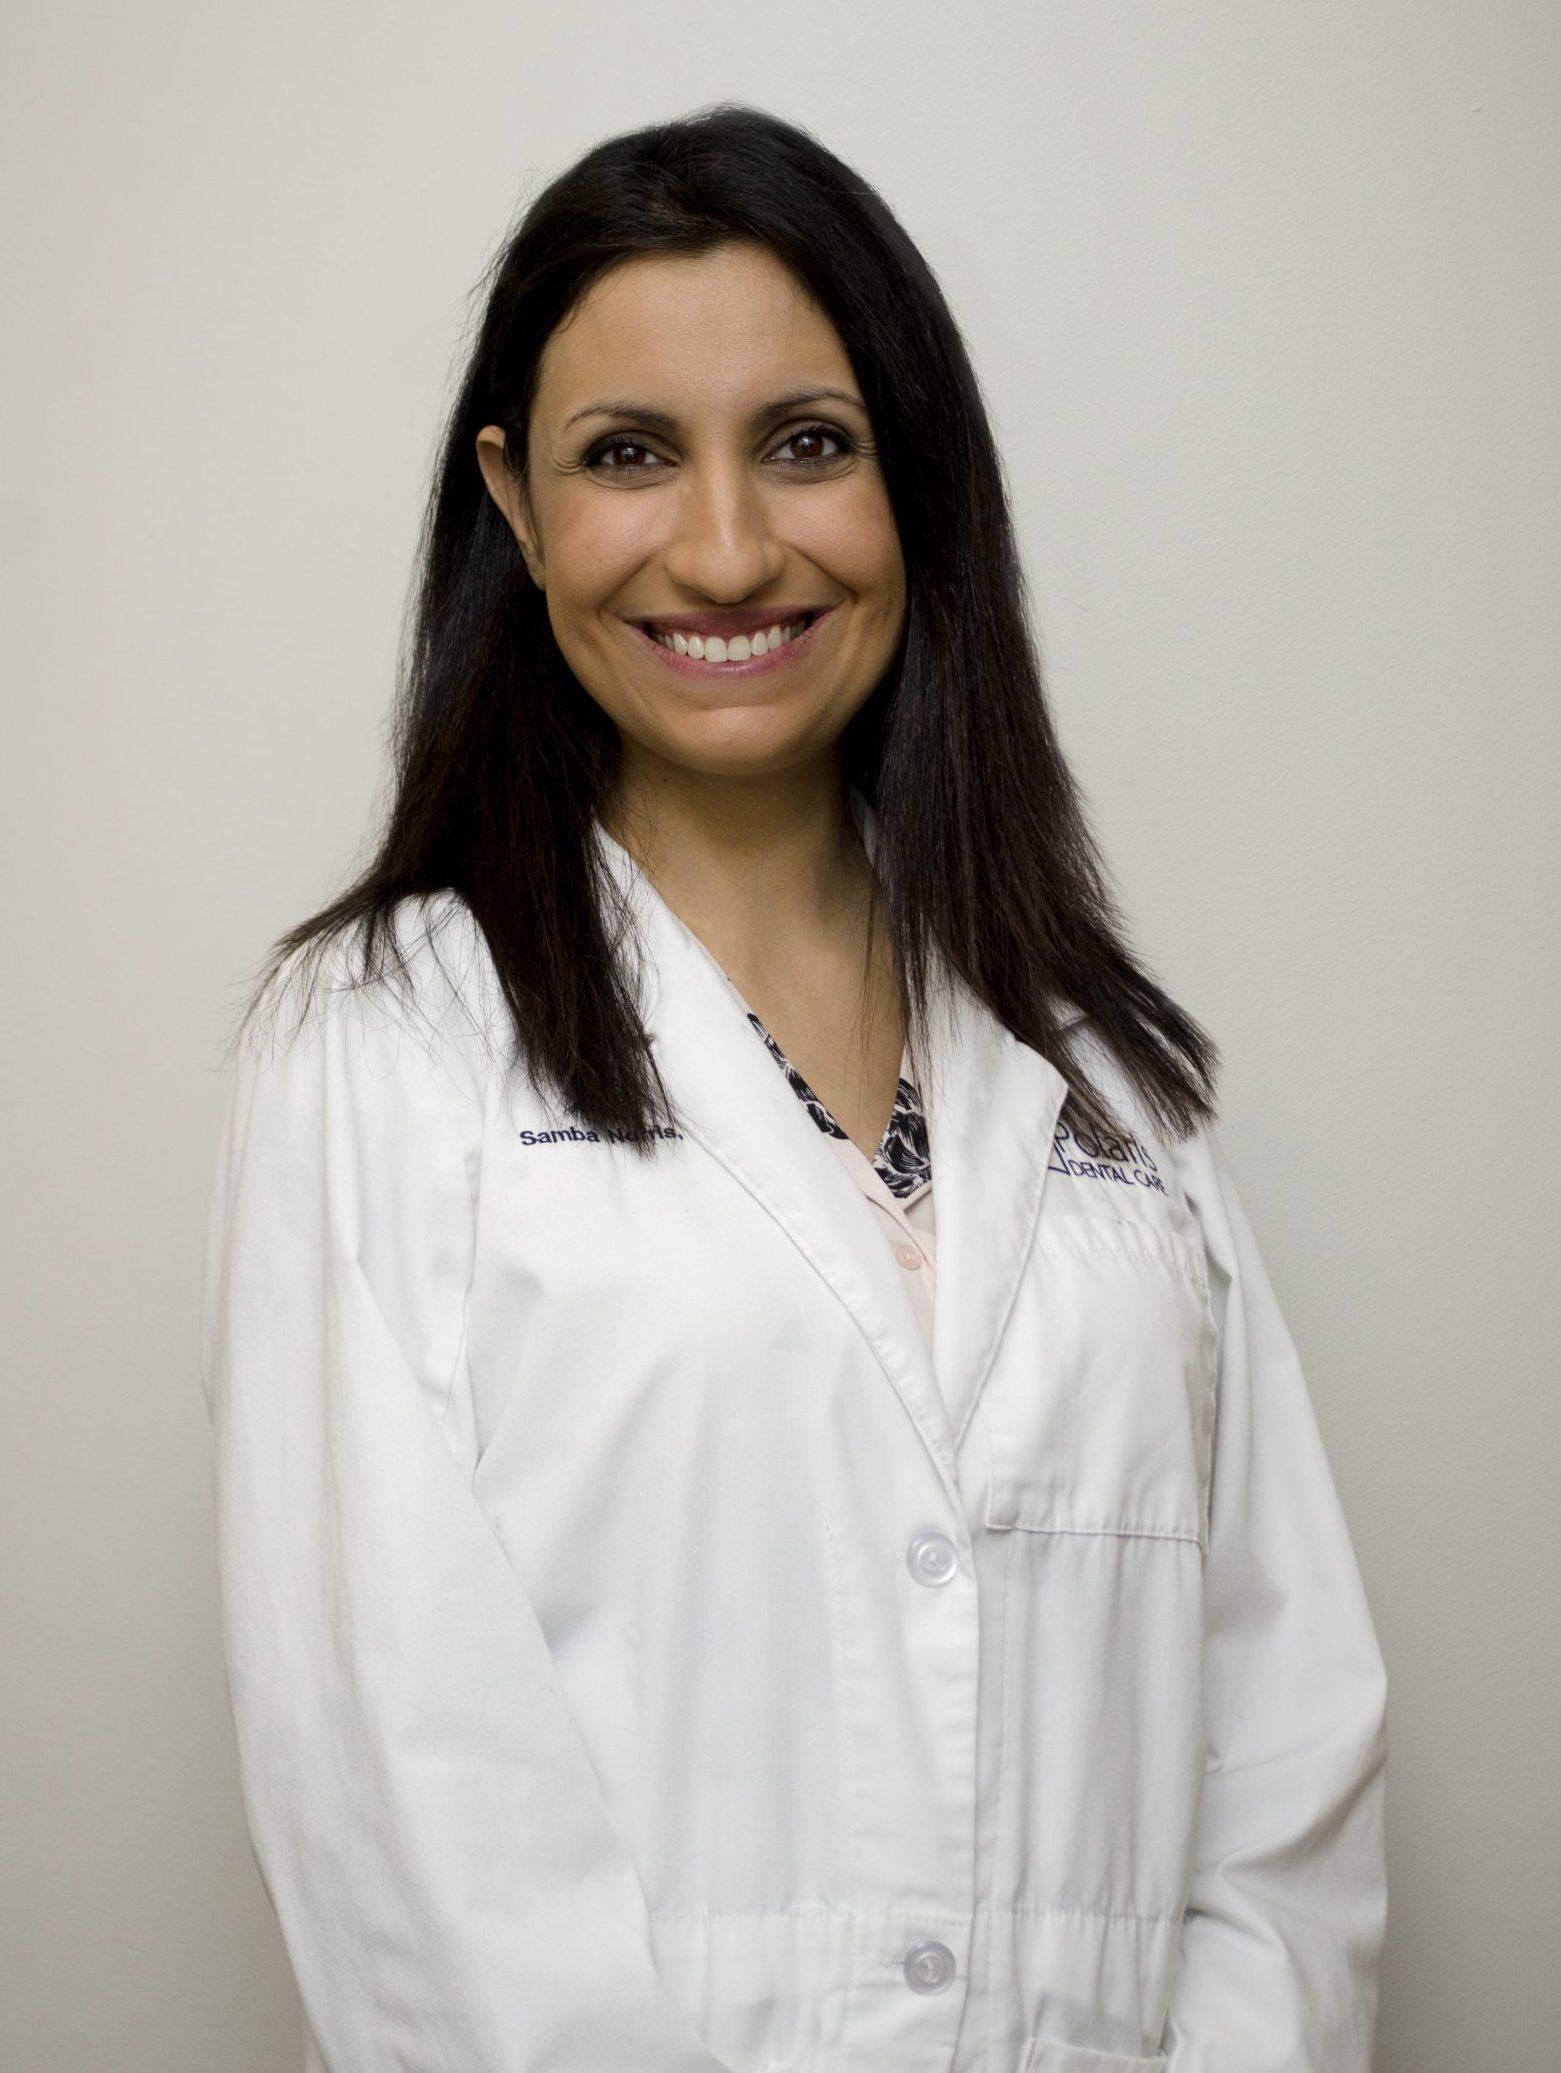 Dr. Samba Norris